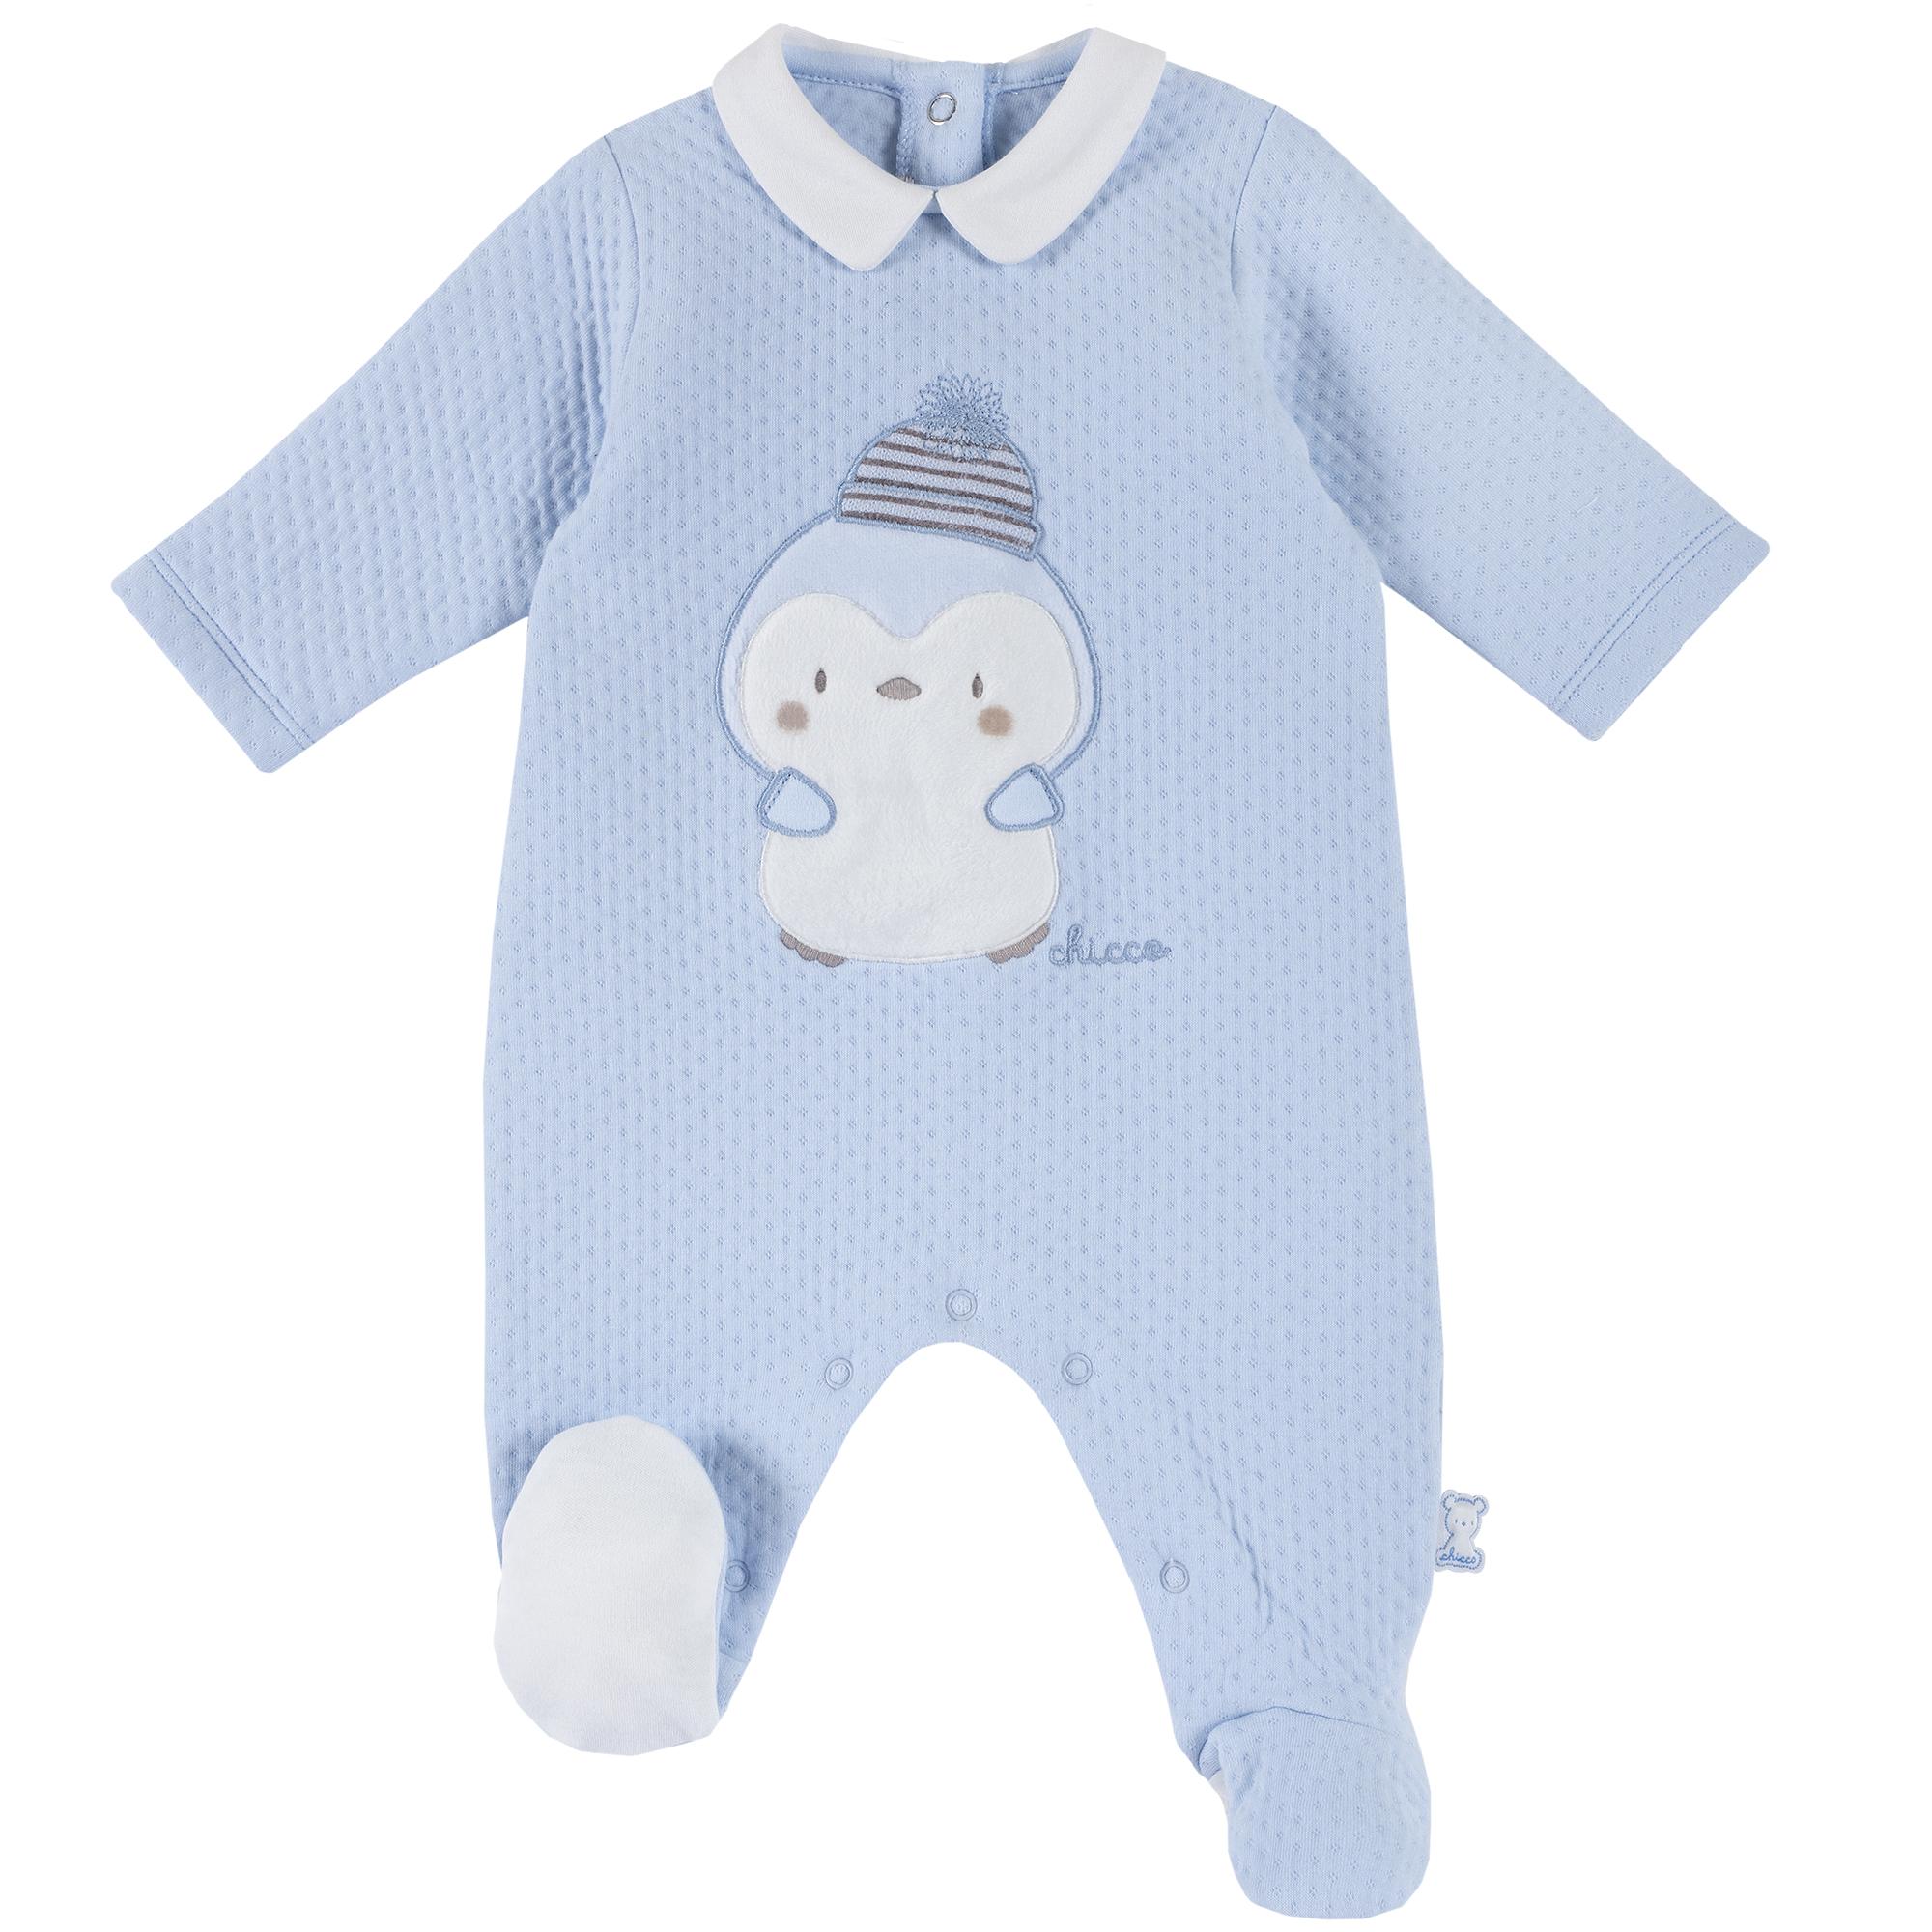 Salopeta bebe matlasata Chicco, botosei, albastru, 21860